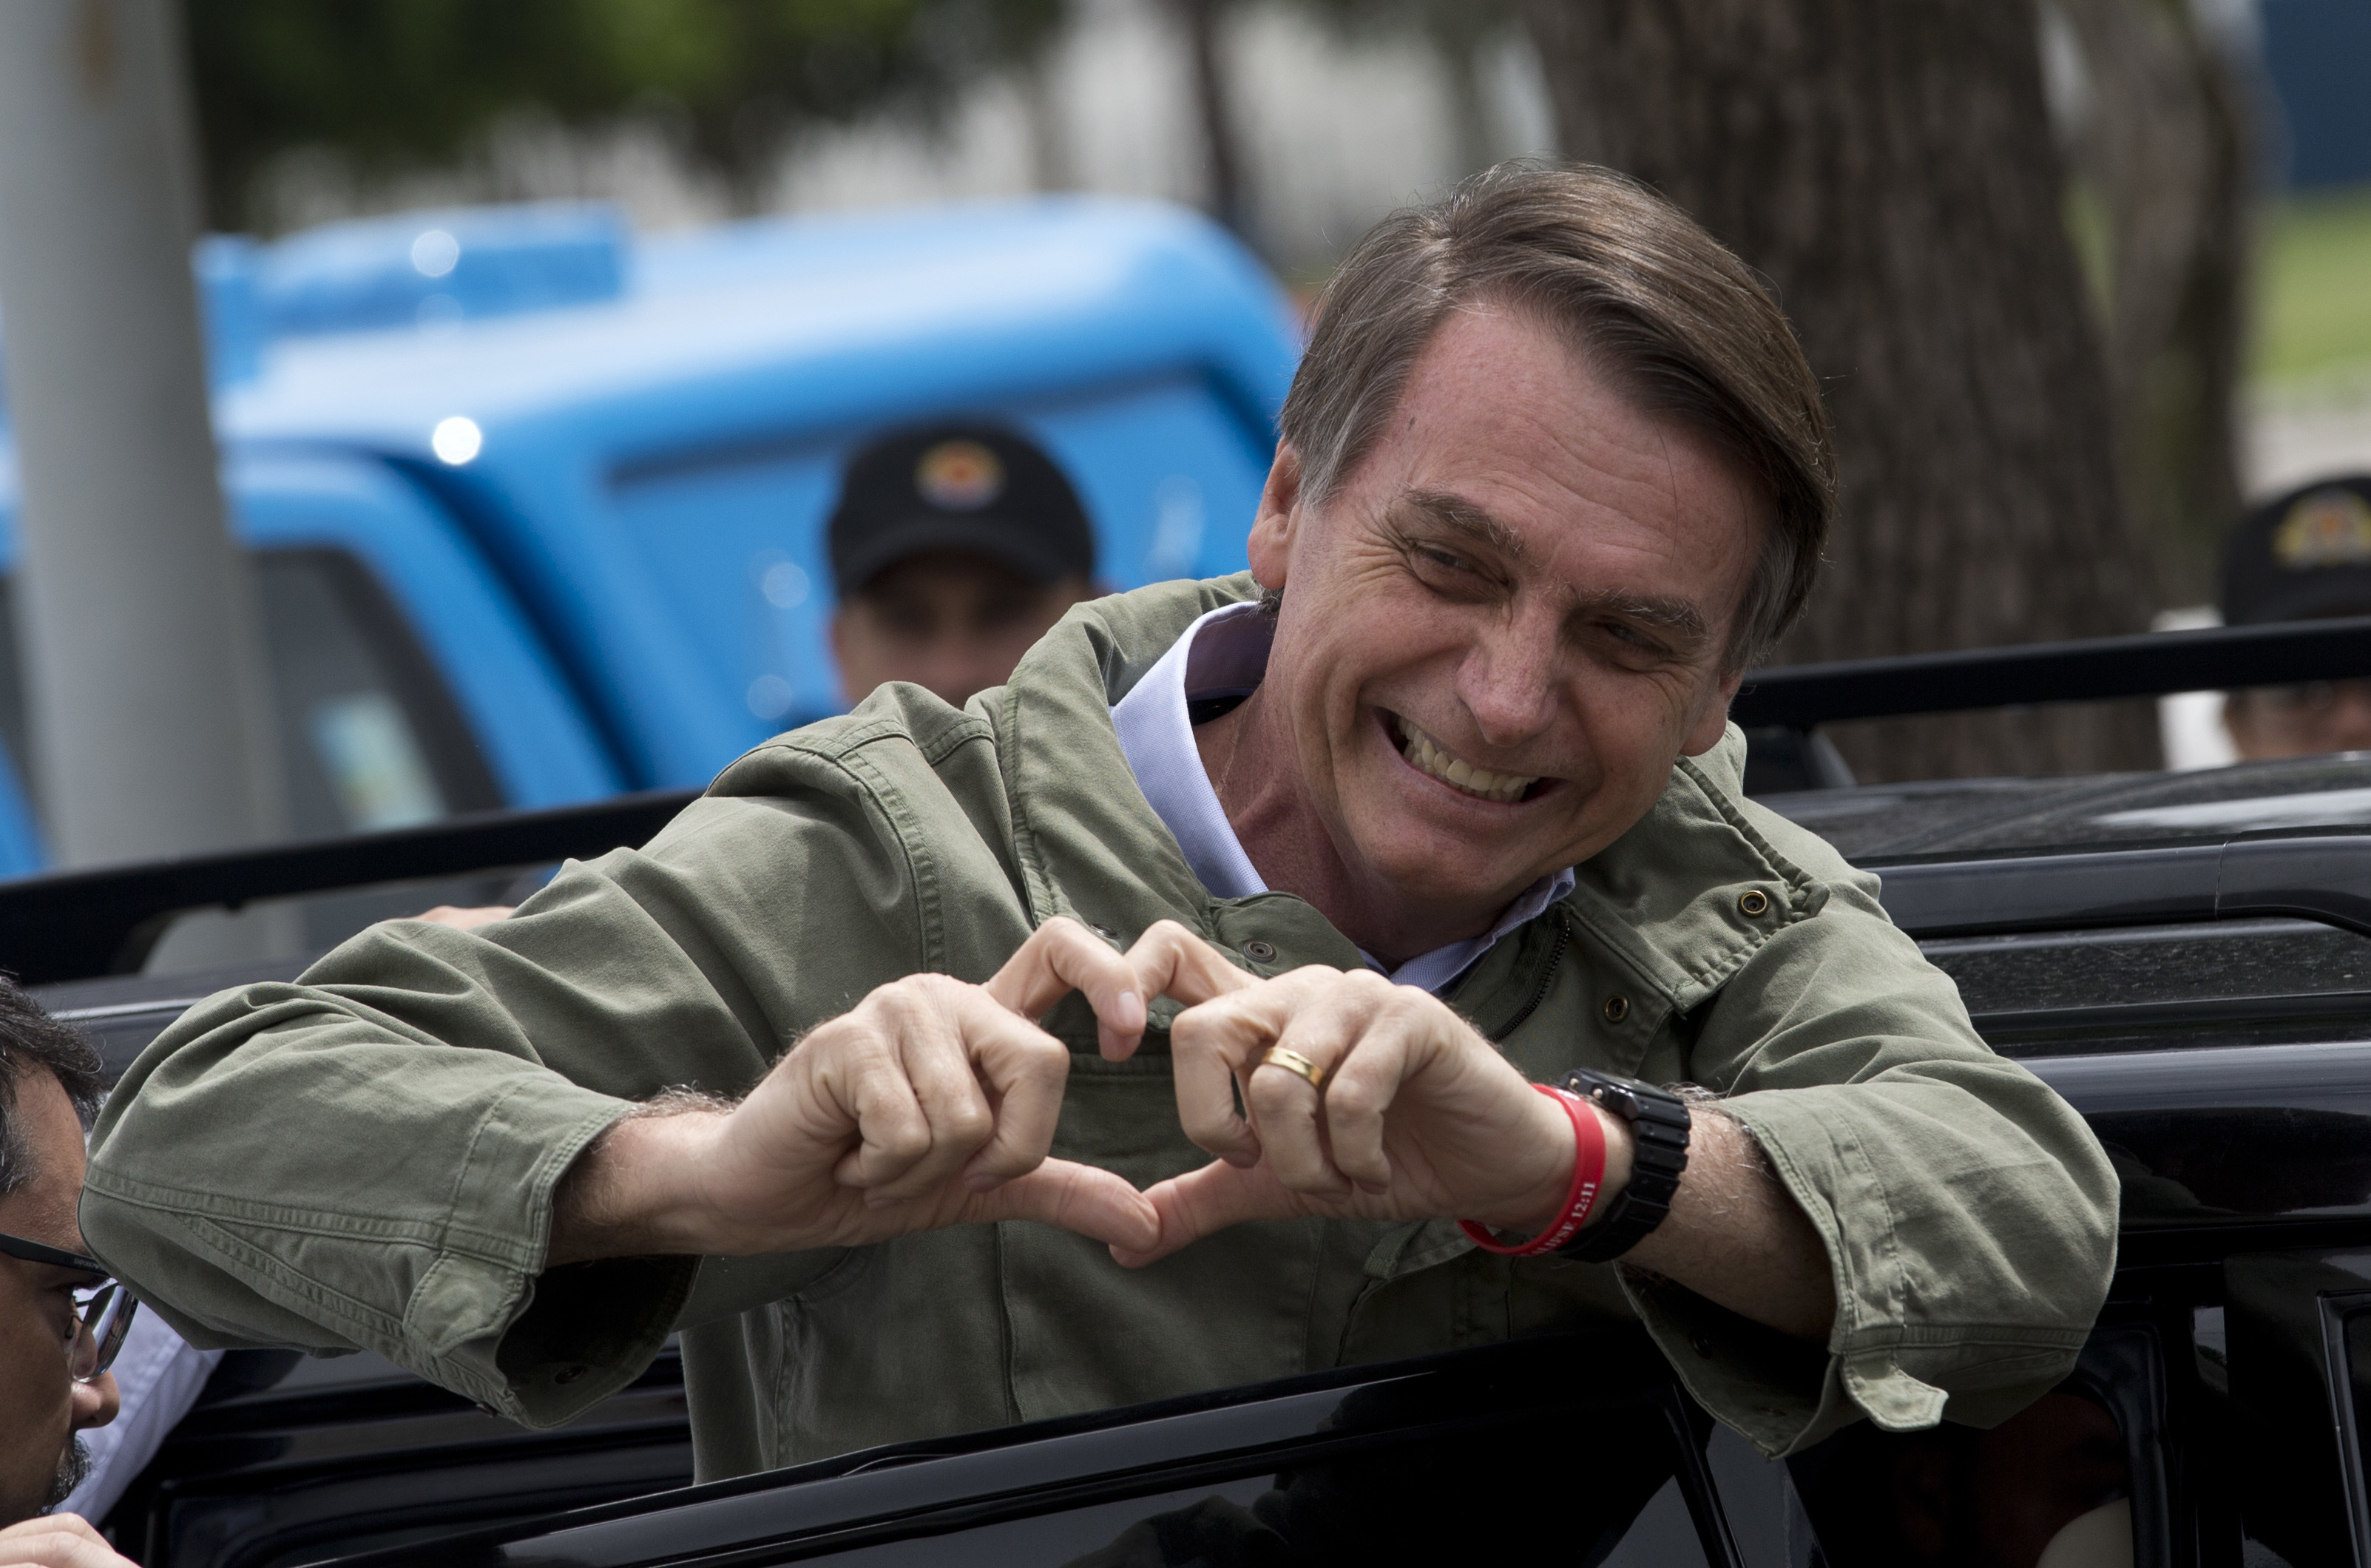 Környezeti tragédia lesz a vége, ha az új brazil elnök betartja az ígéreteit